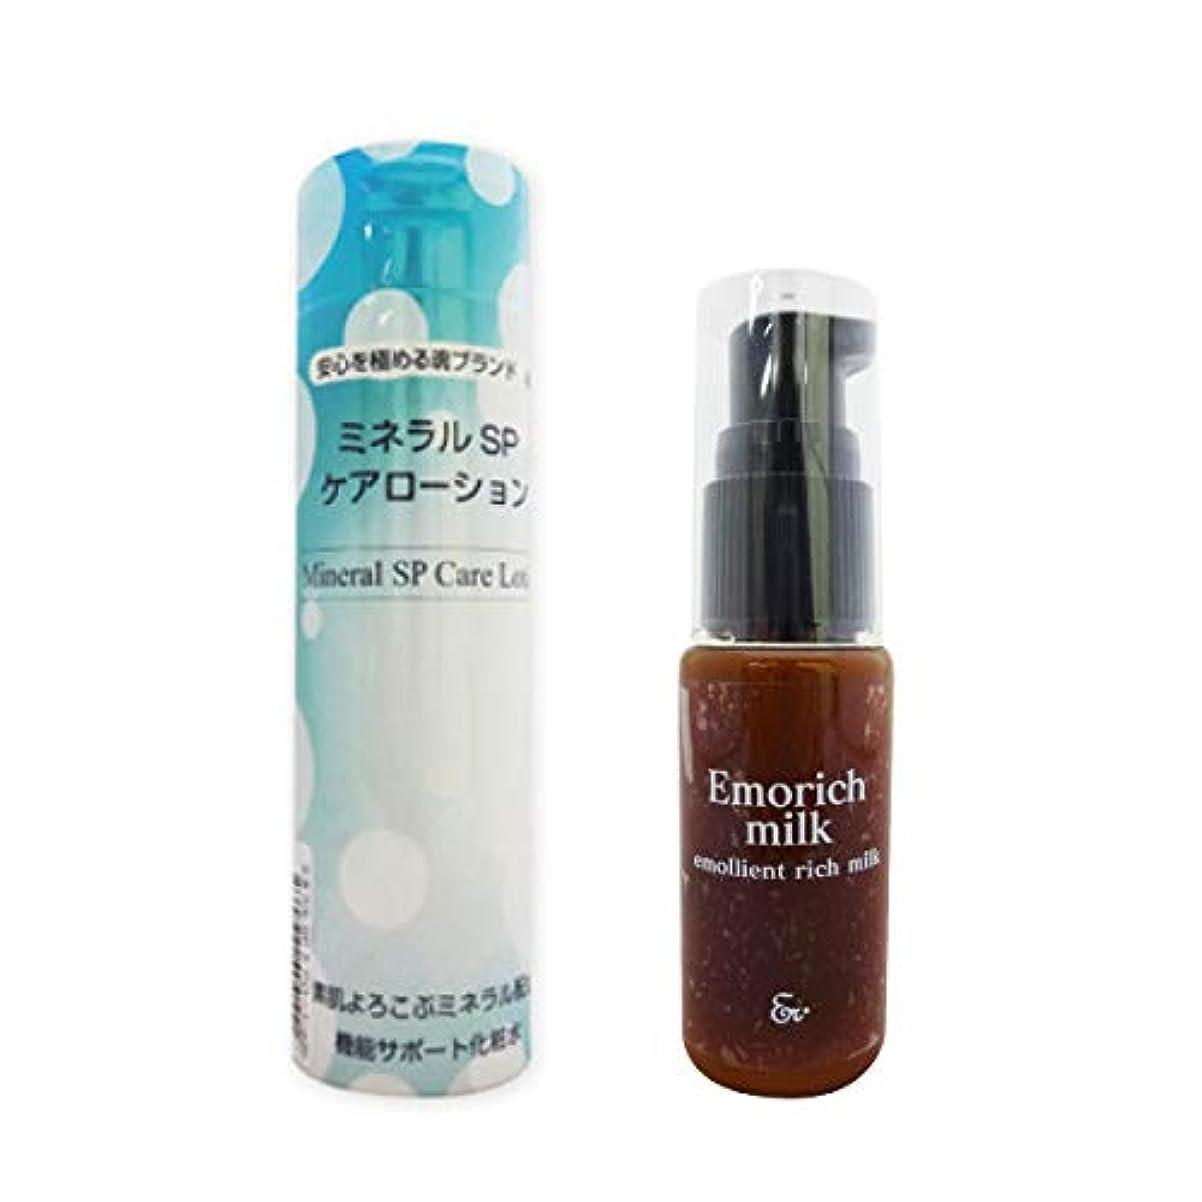 ミネラルSPケアローション200ml+エモリッチミルク30mlセット 無添加ミネラル化粧水と無添加ミルク美容液セット